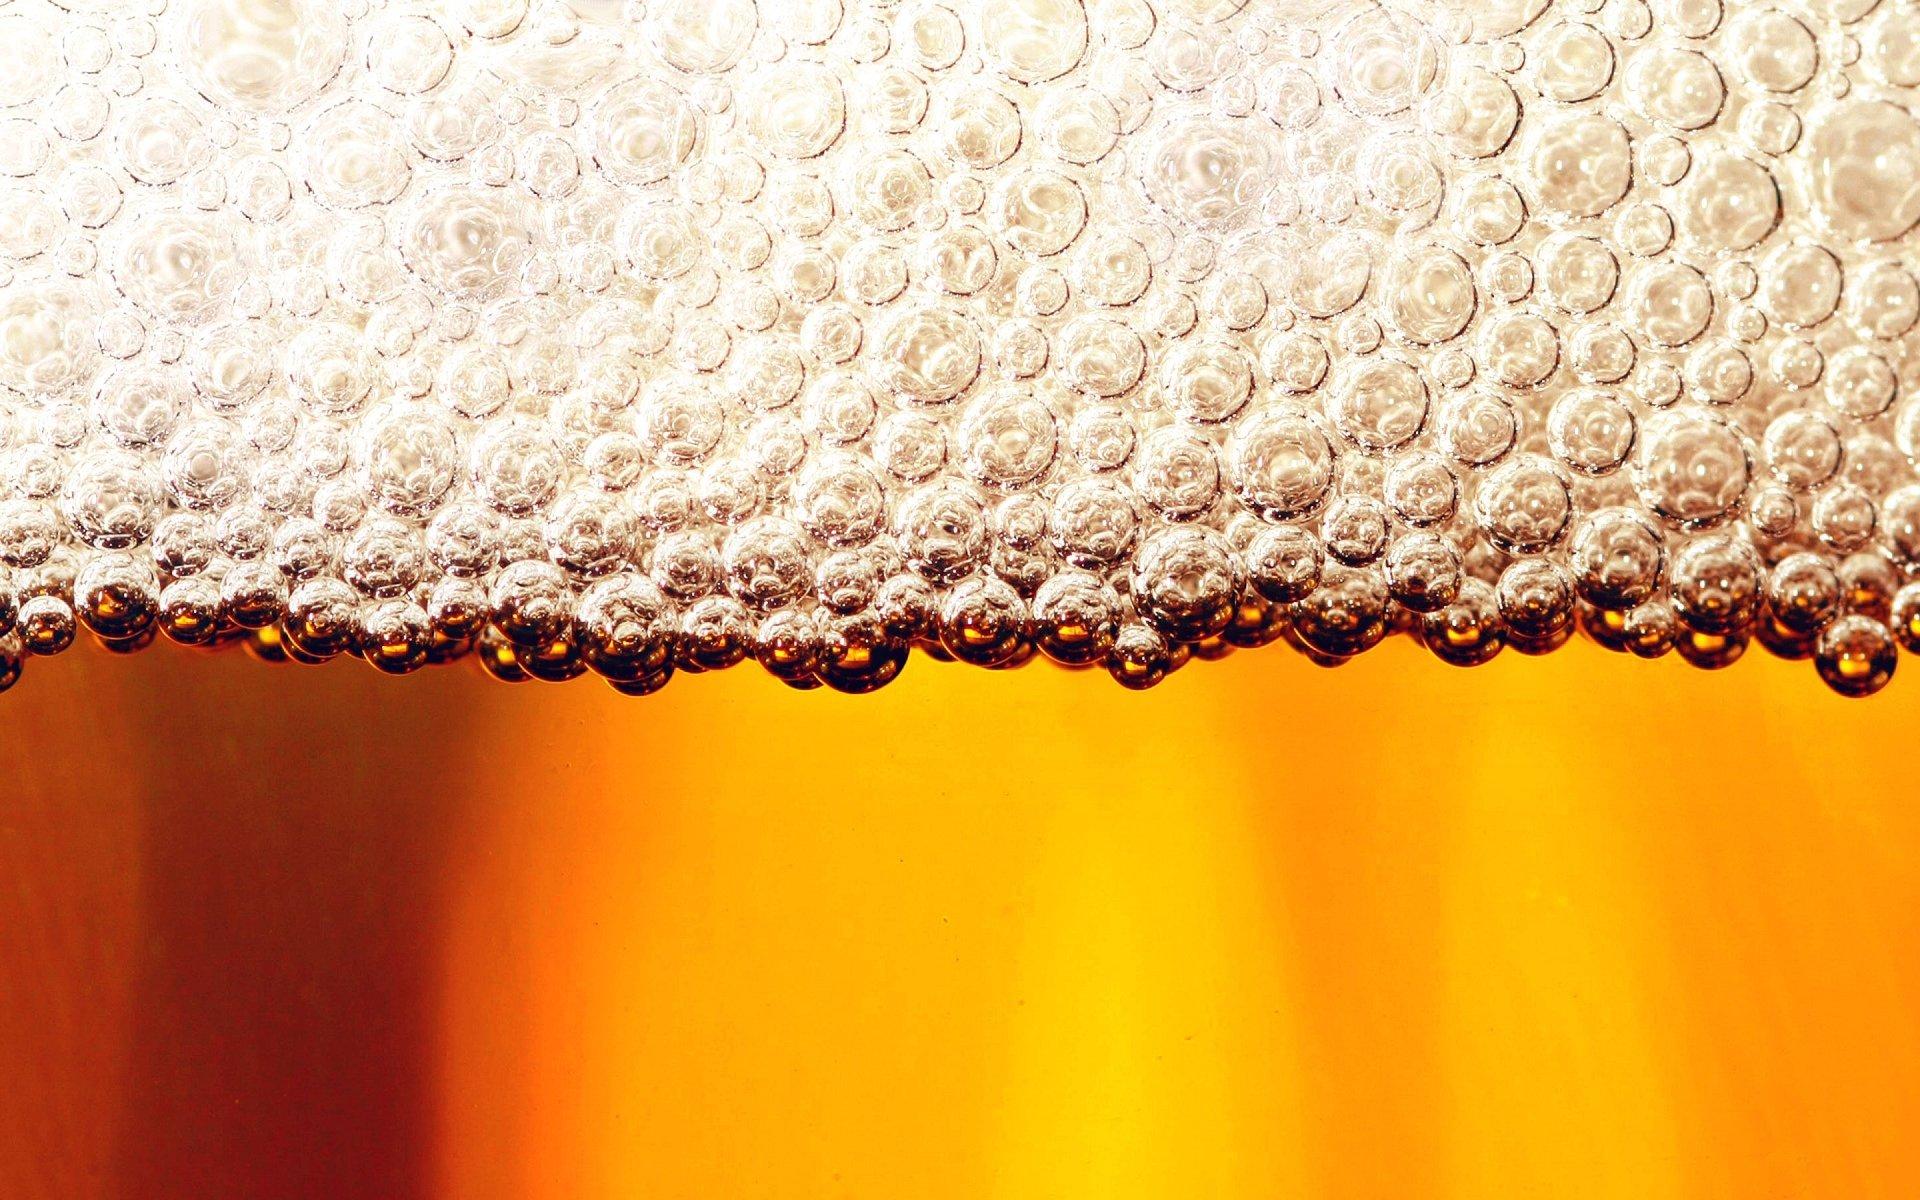 Food - Beer  Drink Macro Foam Wallpaper